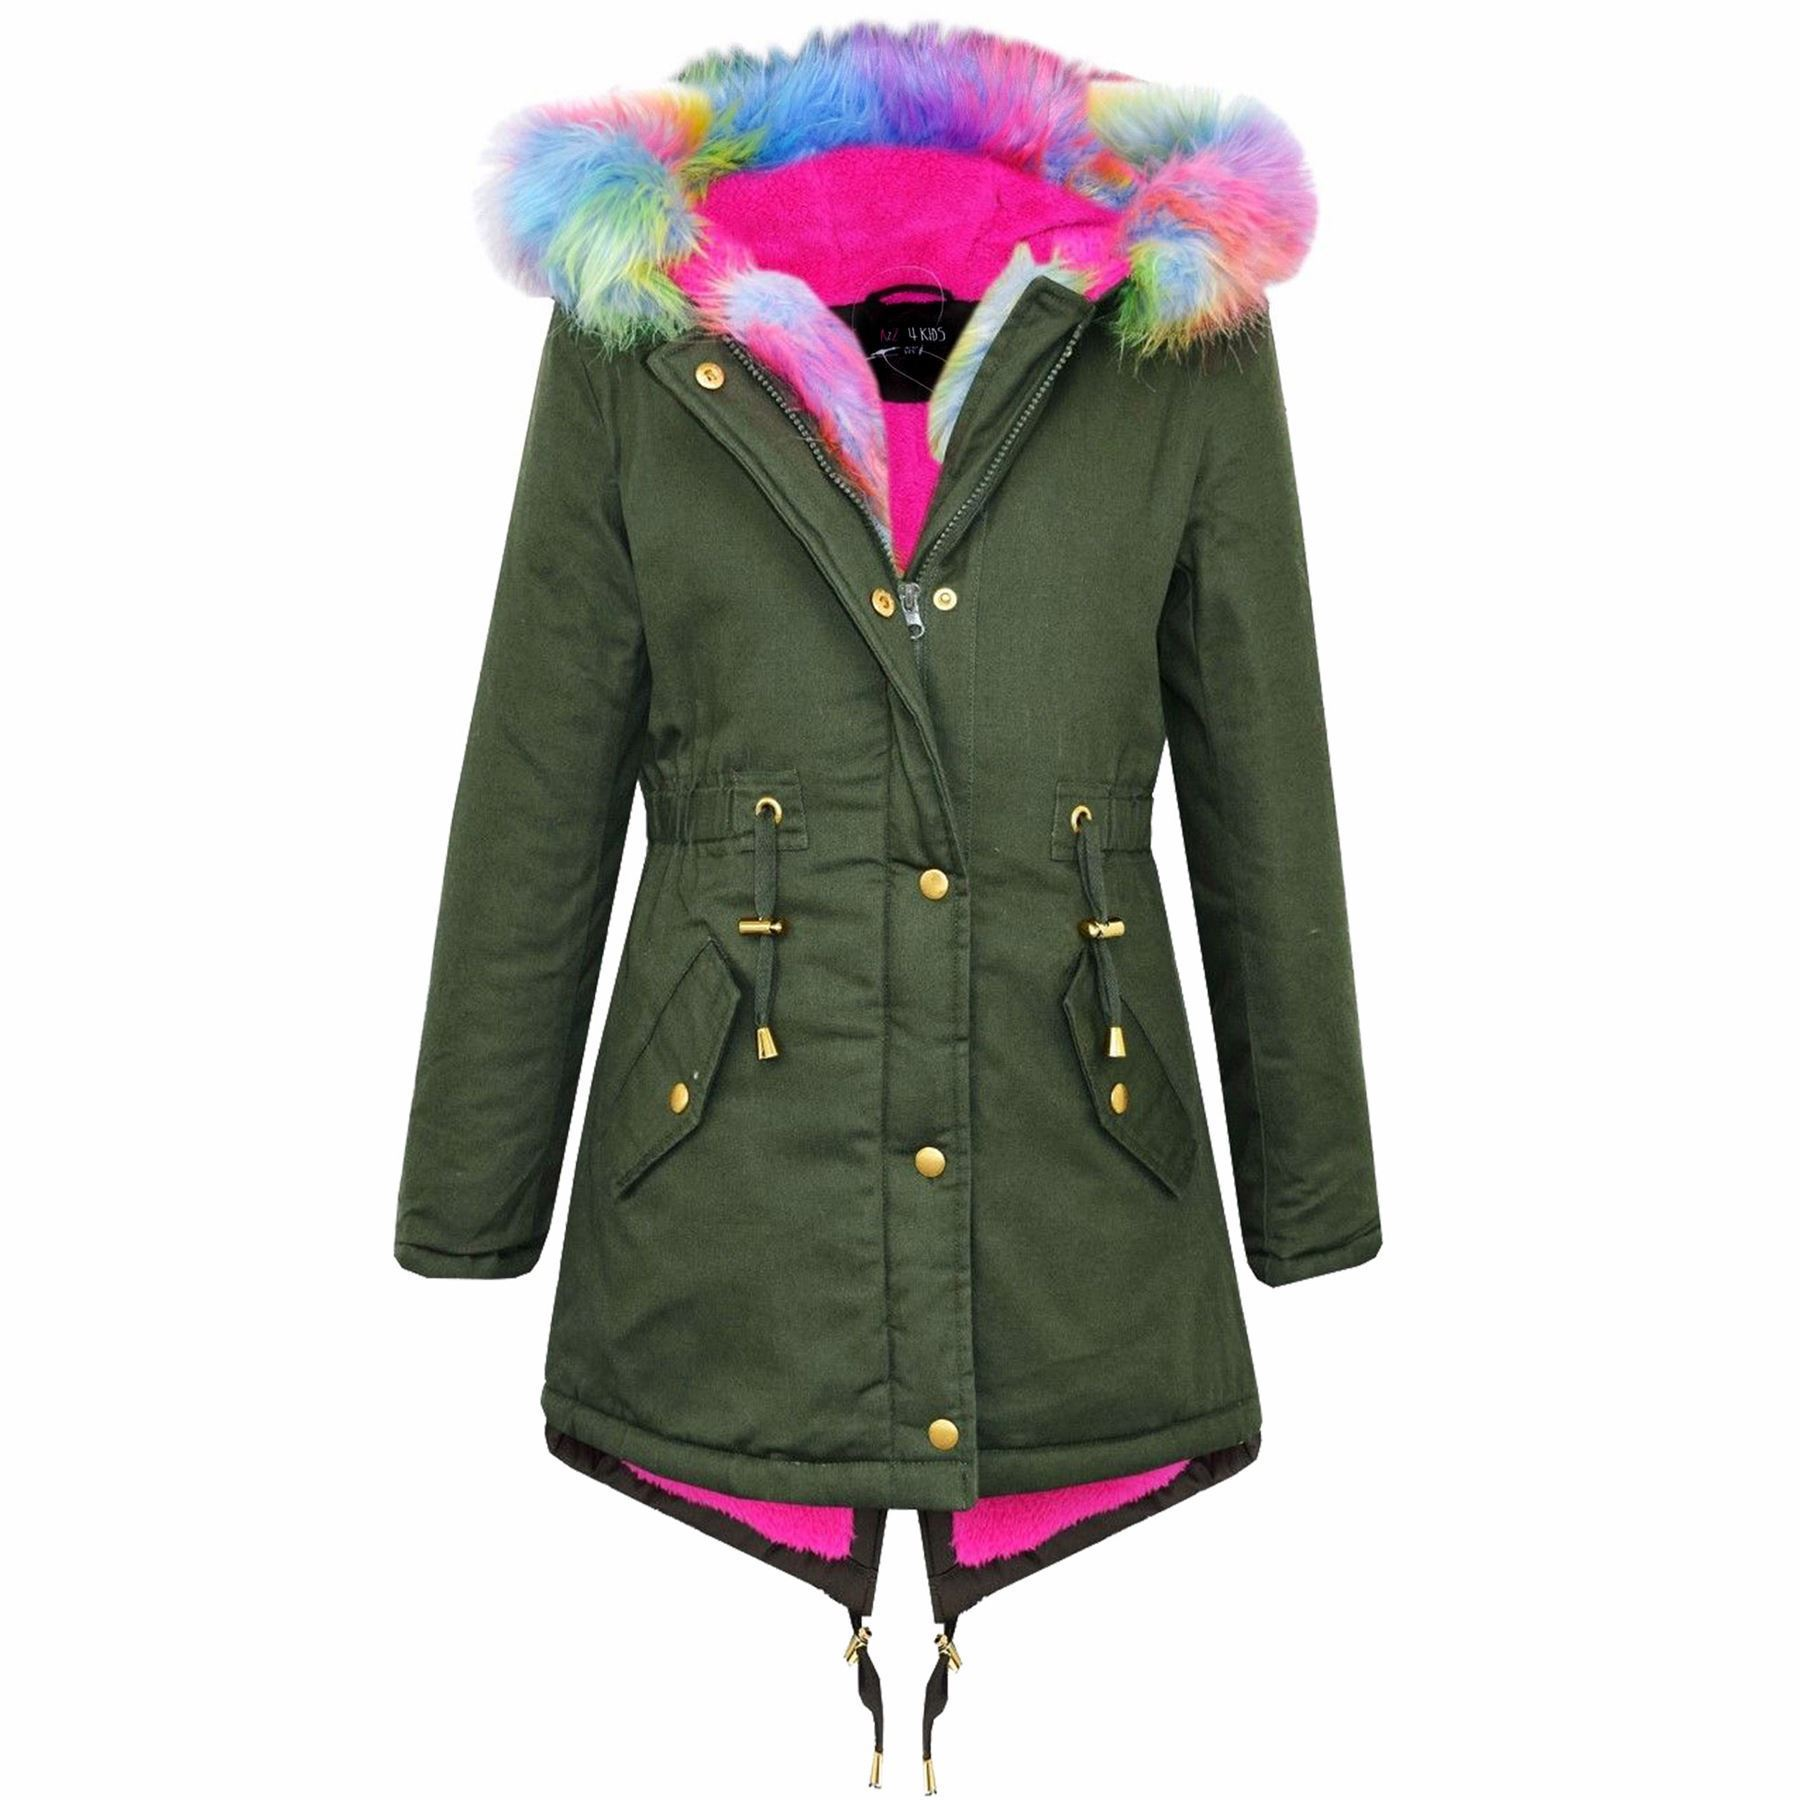 Kids-Hooded-Jacket-Girls-Faux-Fur-Parka-School-Jackets-Outwear-Coat-5-13-Years